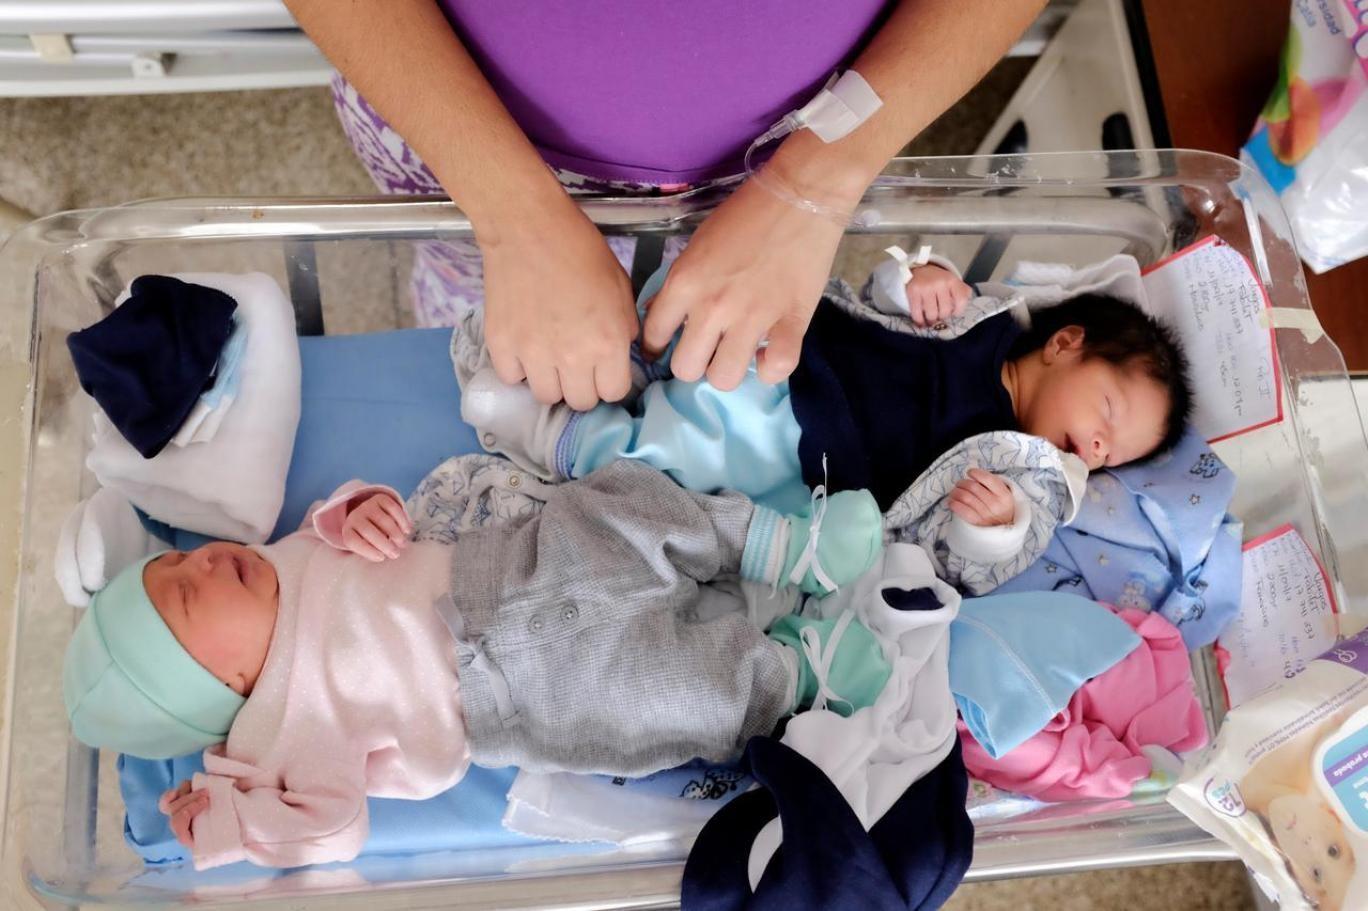 الاستعمال الروتيني للمضادات الحيوية يقي آلاف النساء الالتهابات المرتبطة بالولادة